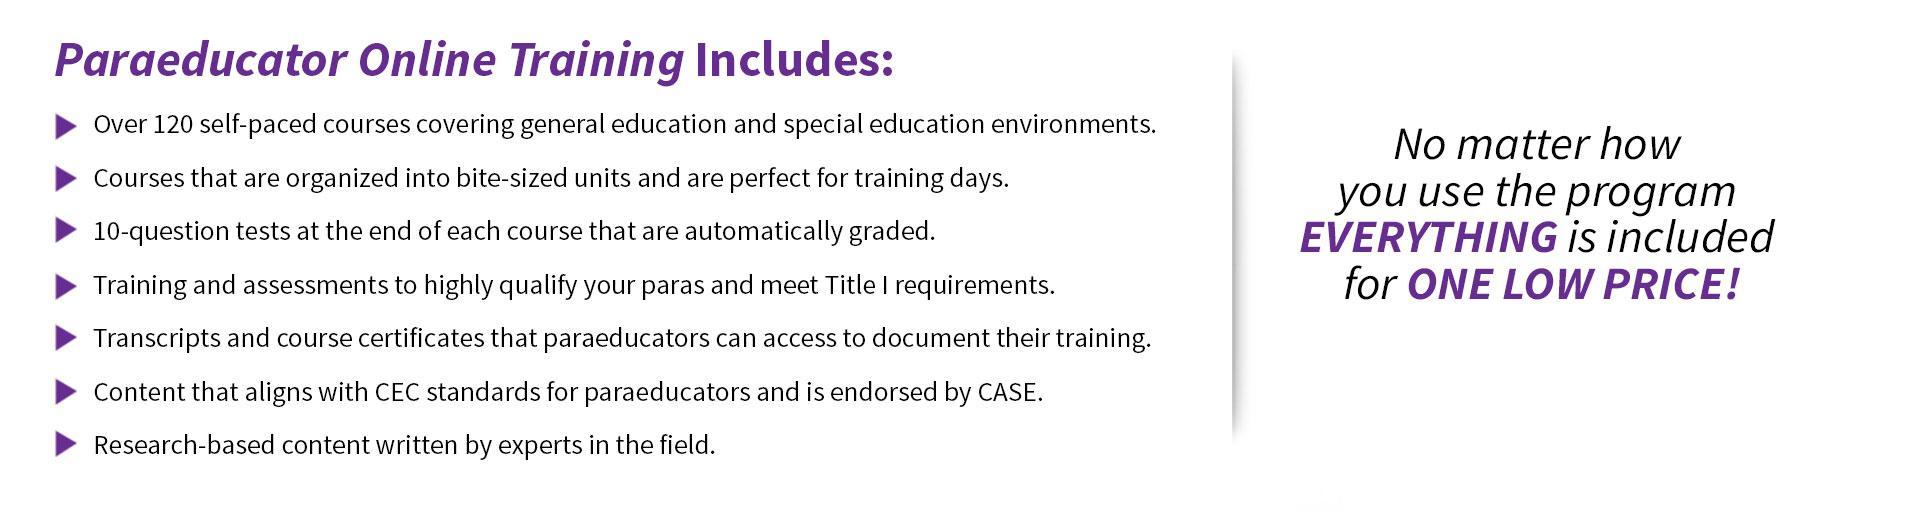 Paraeducator Online Training MT